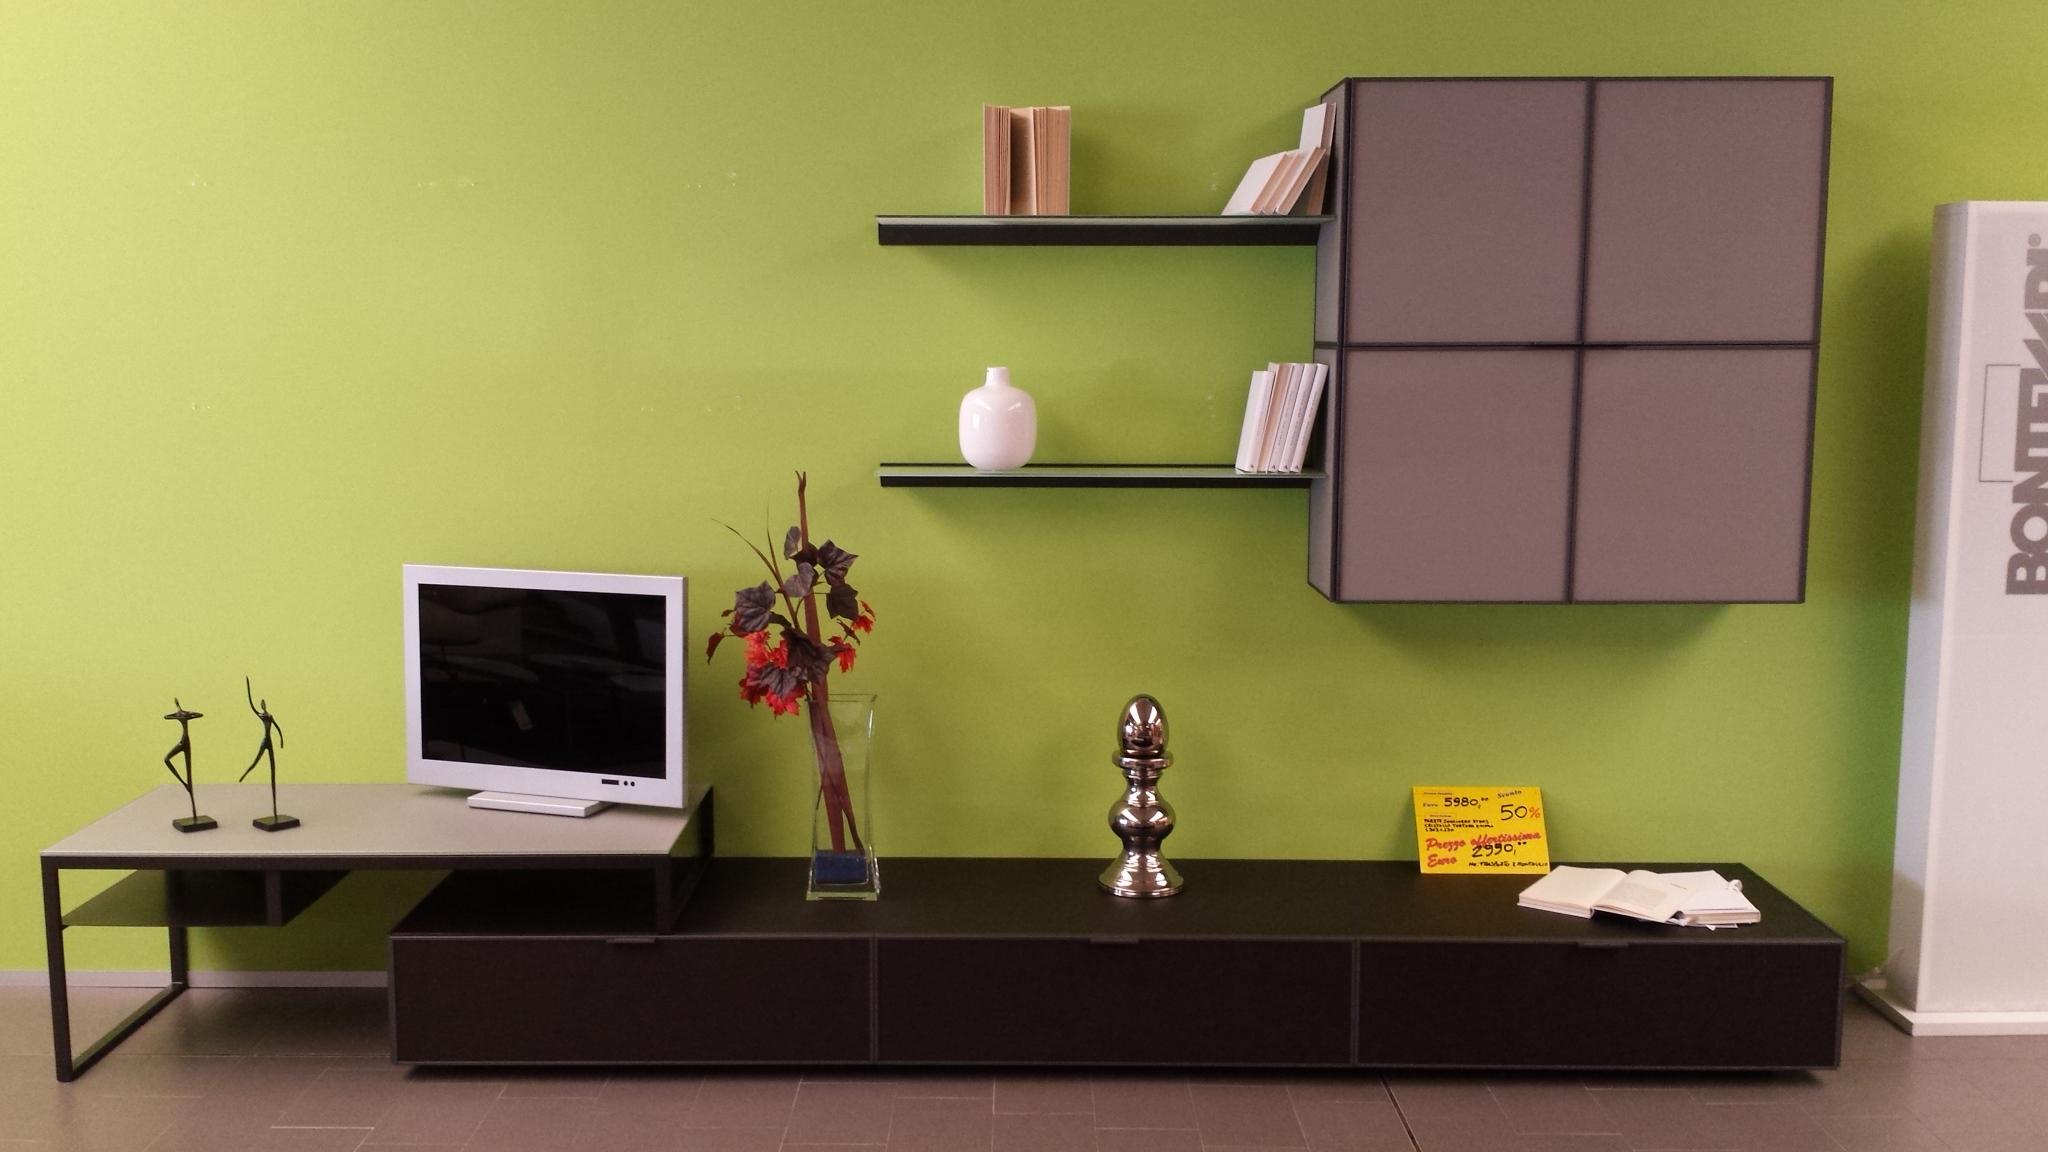 Cucine Moderne Prezioso Casa ~ Idee Creative di Interni e Mobili